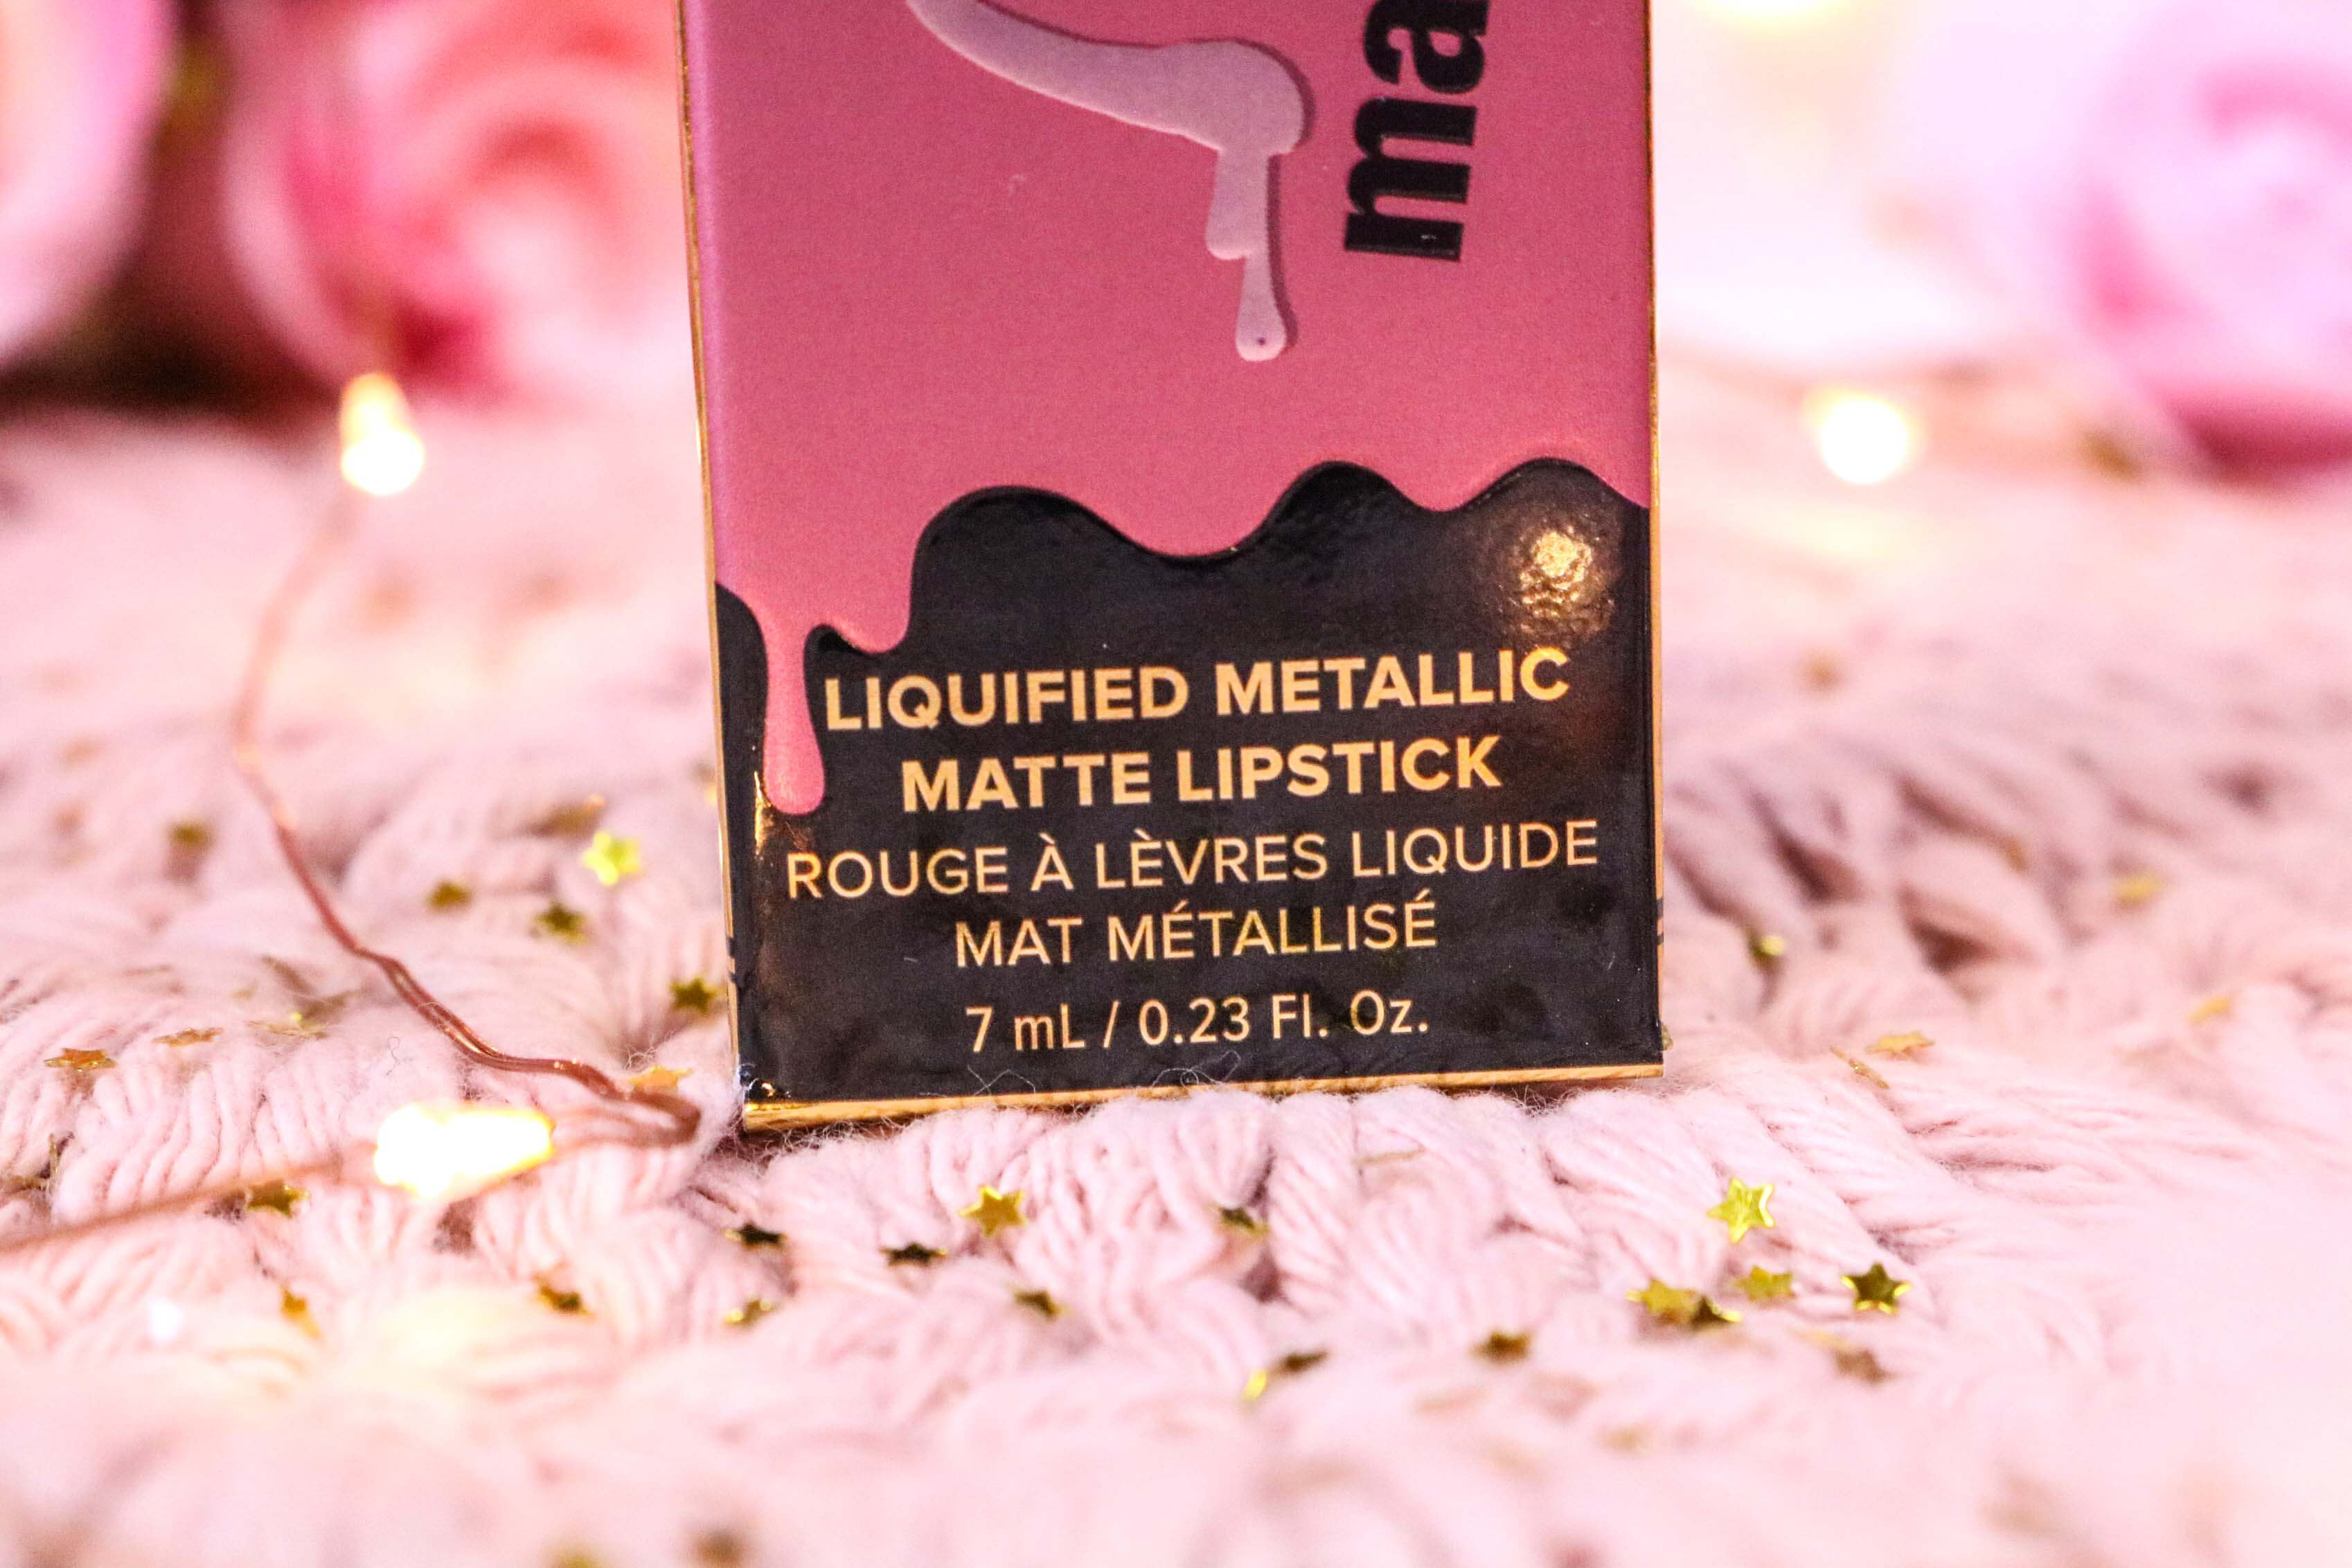 revue-melted-matte-tallic-rouge-a-levres-breakup-makeup-makeupbyazadig-sortie-france-influencer-swatch-avis-prix-metallic